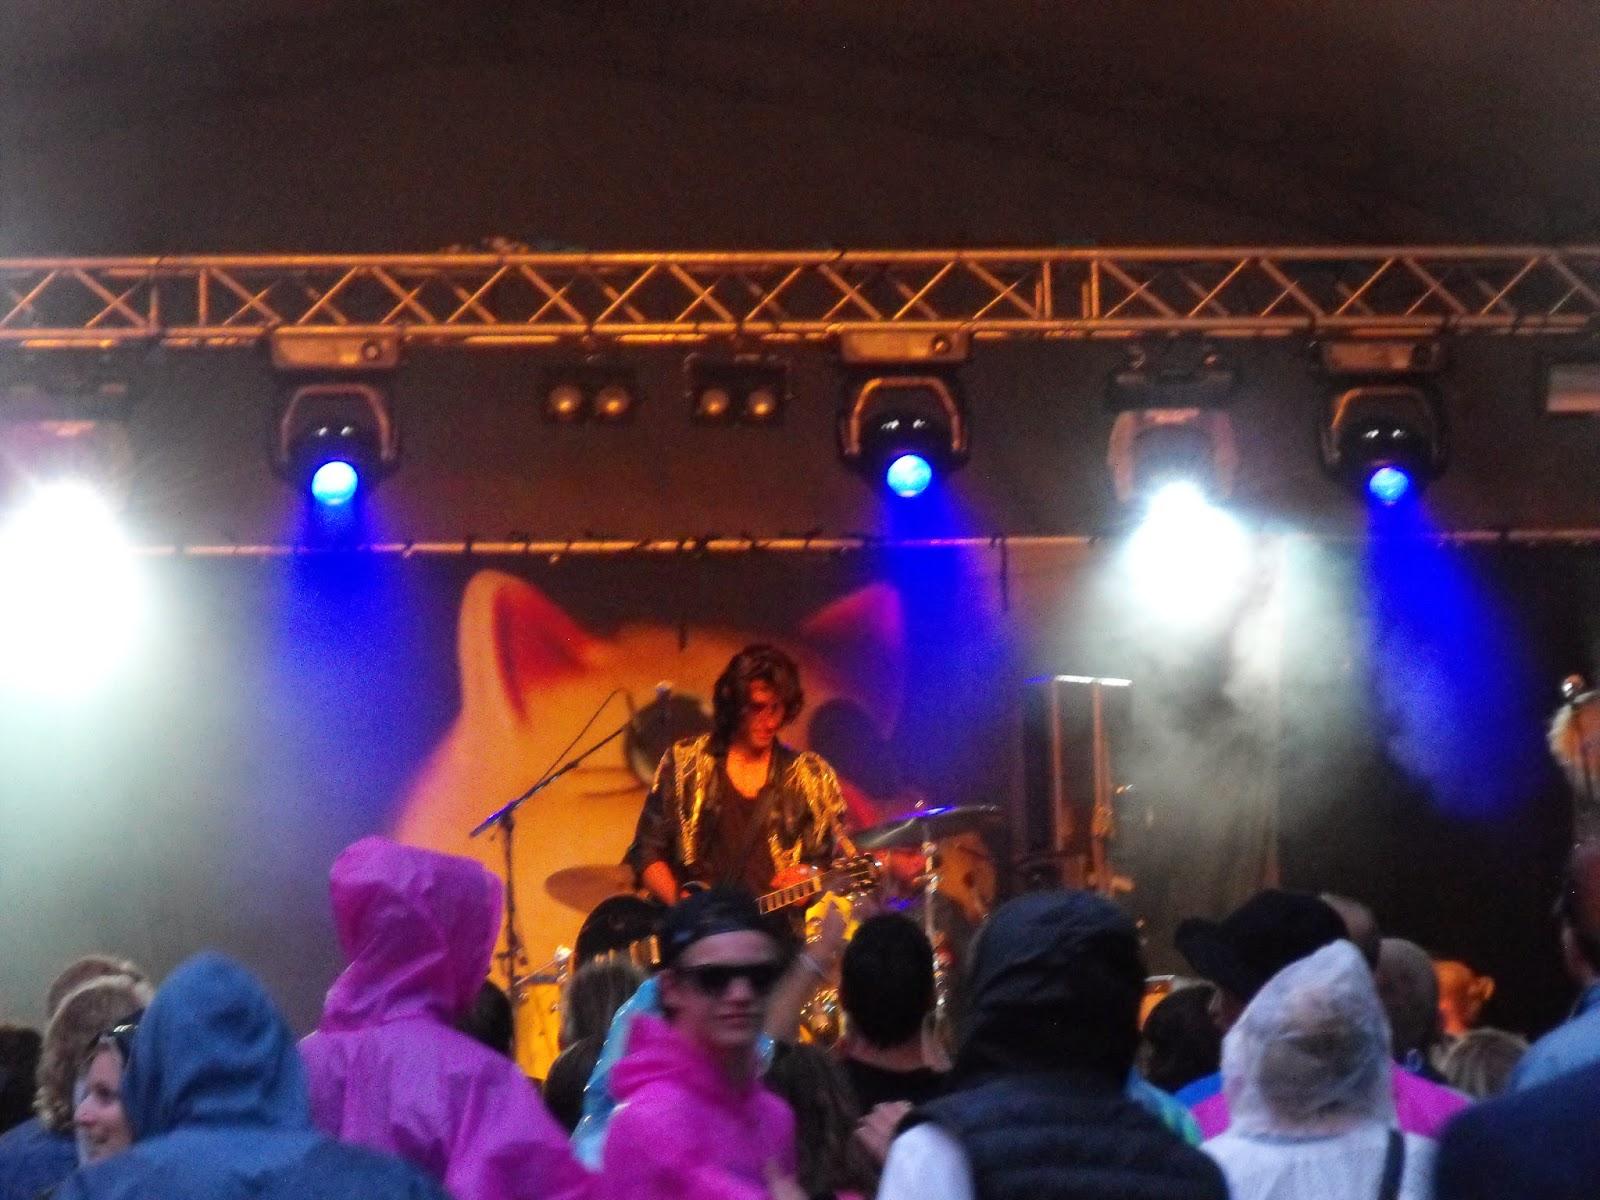 siestafestivalen, Siestafestivalen 2014, SiestaHlm, #SiestaHlm, Hässleholm, Sösdala, Barnfamilj, Musik, Glädje i hjärtat, Kristian Anttila